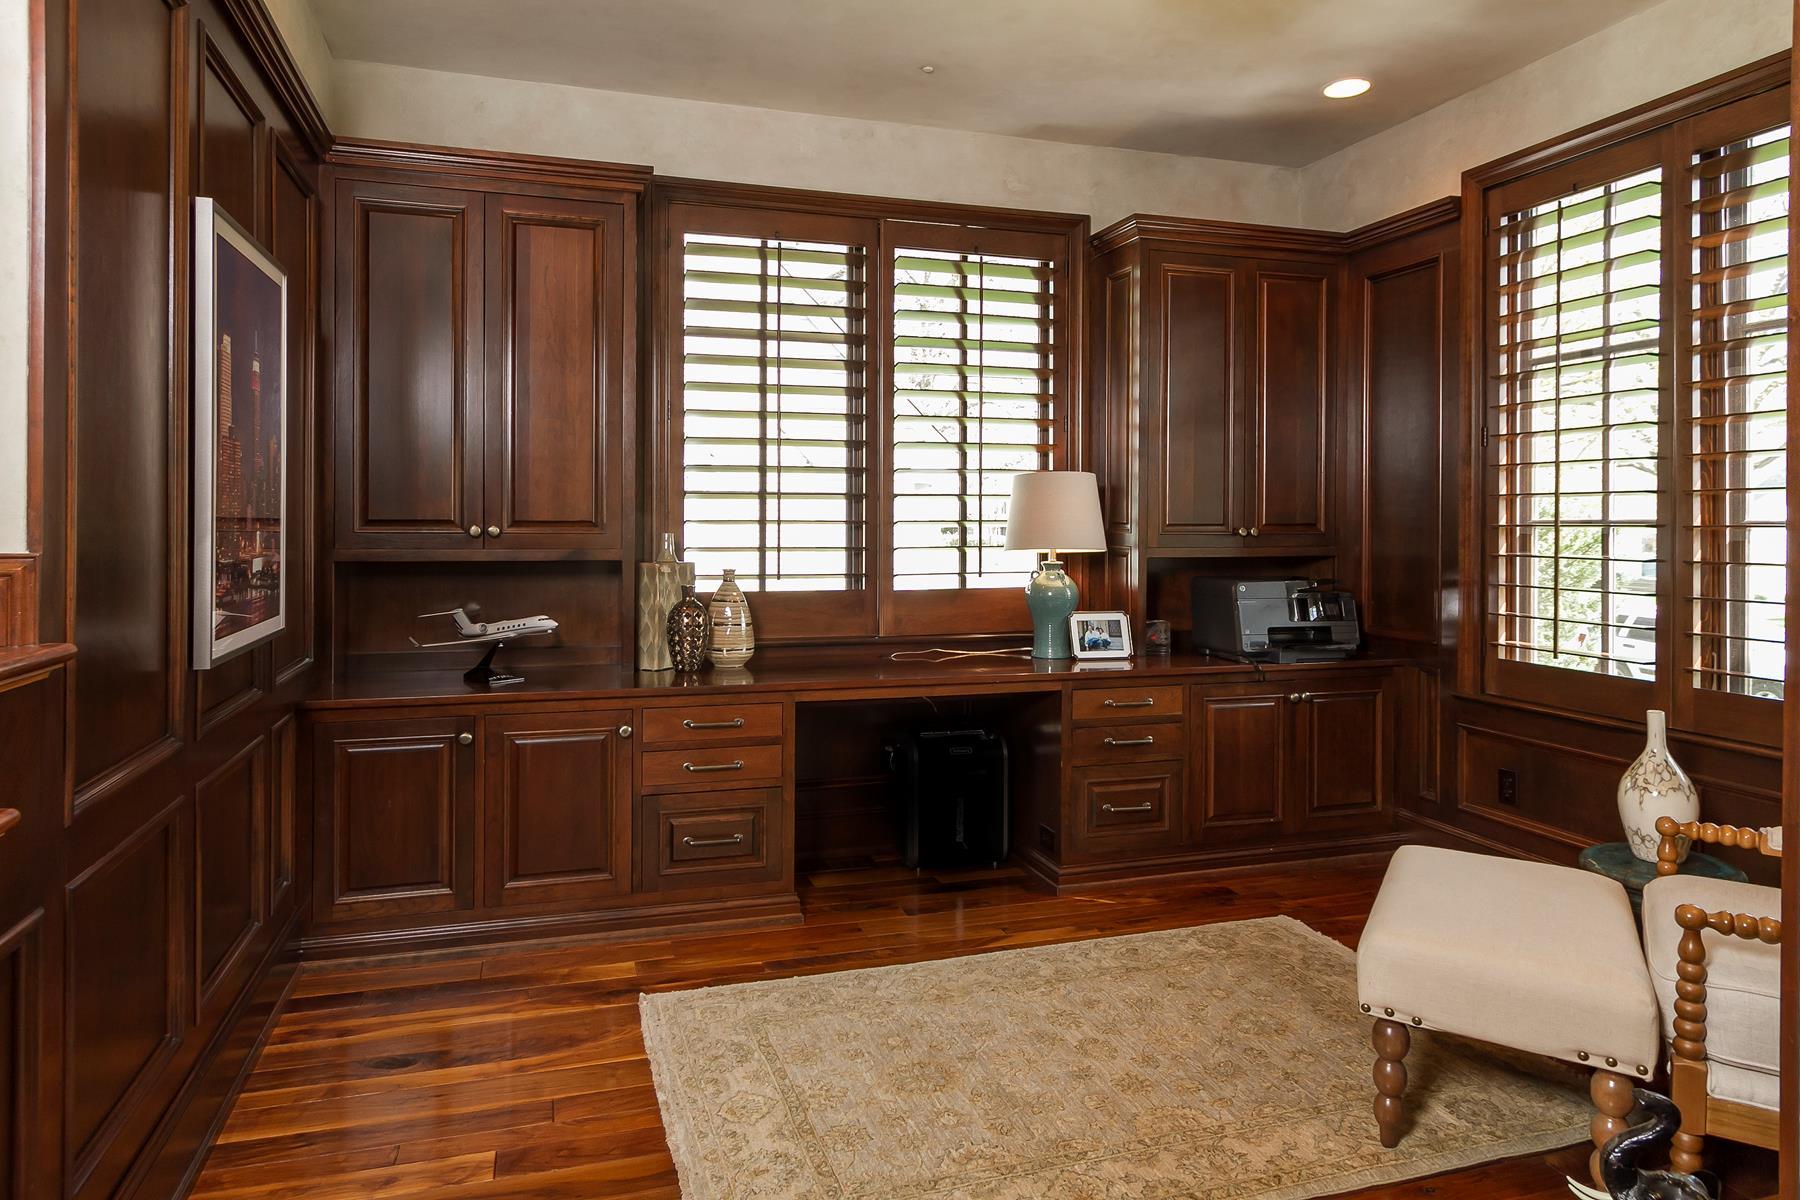 Частный односемейный дом для того Продажа на 5532 Brookview Ave, Edina Edina, Миннесота, 55424 Соединенные Штаты